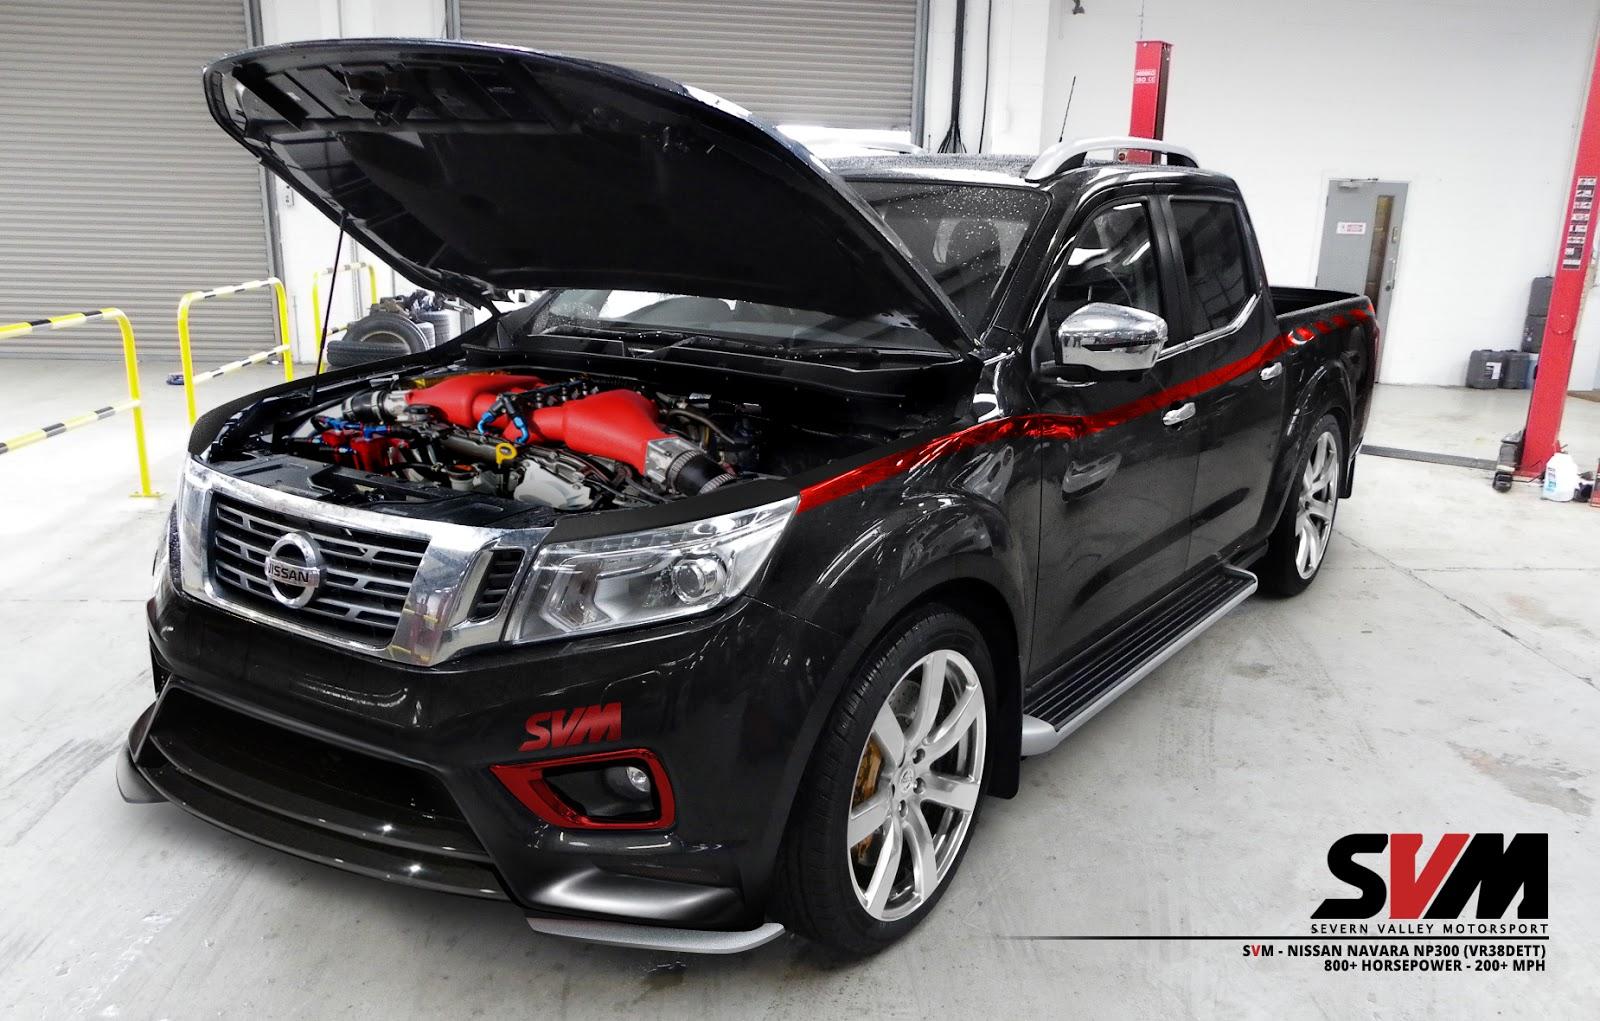 Nissan-Navara-hoa-quai-vat-voi-suc-manh-800-ma-luc